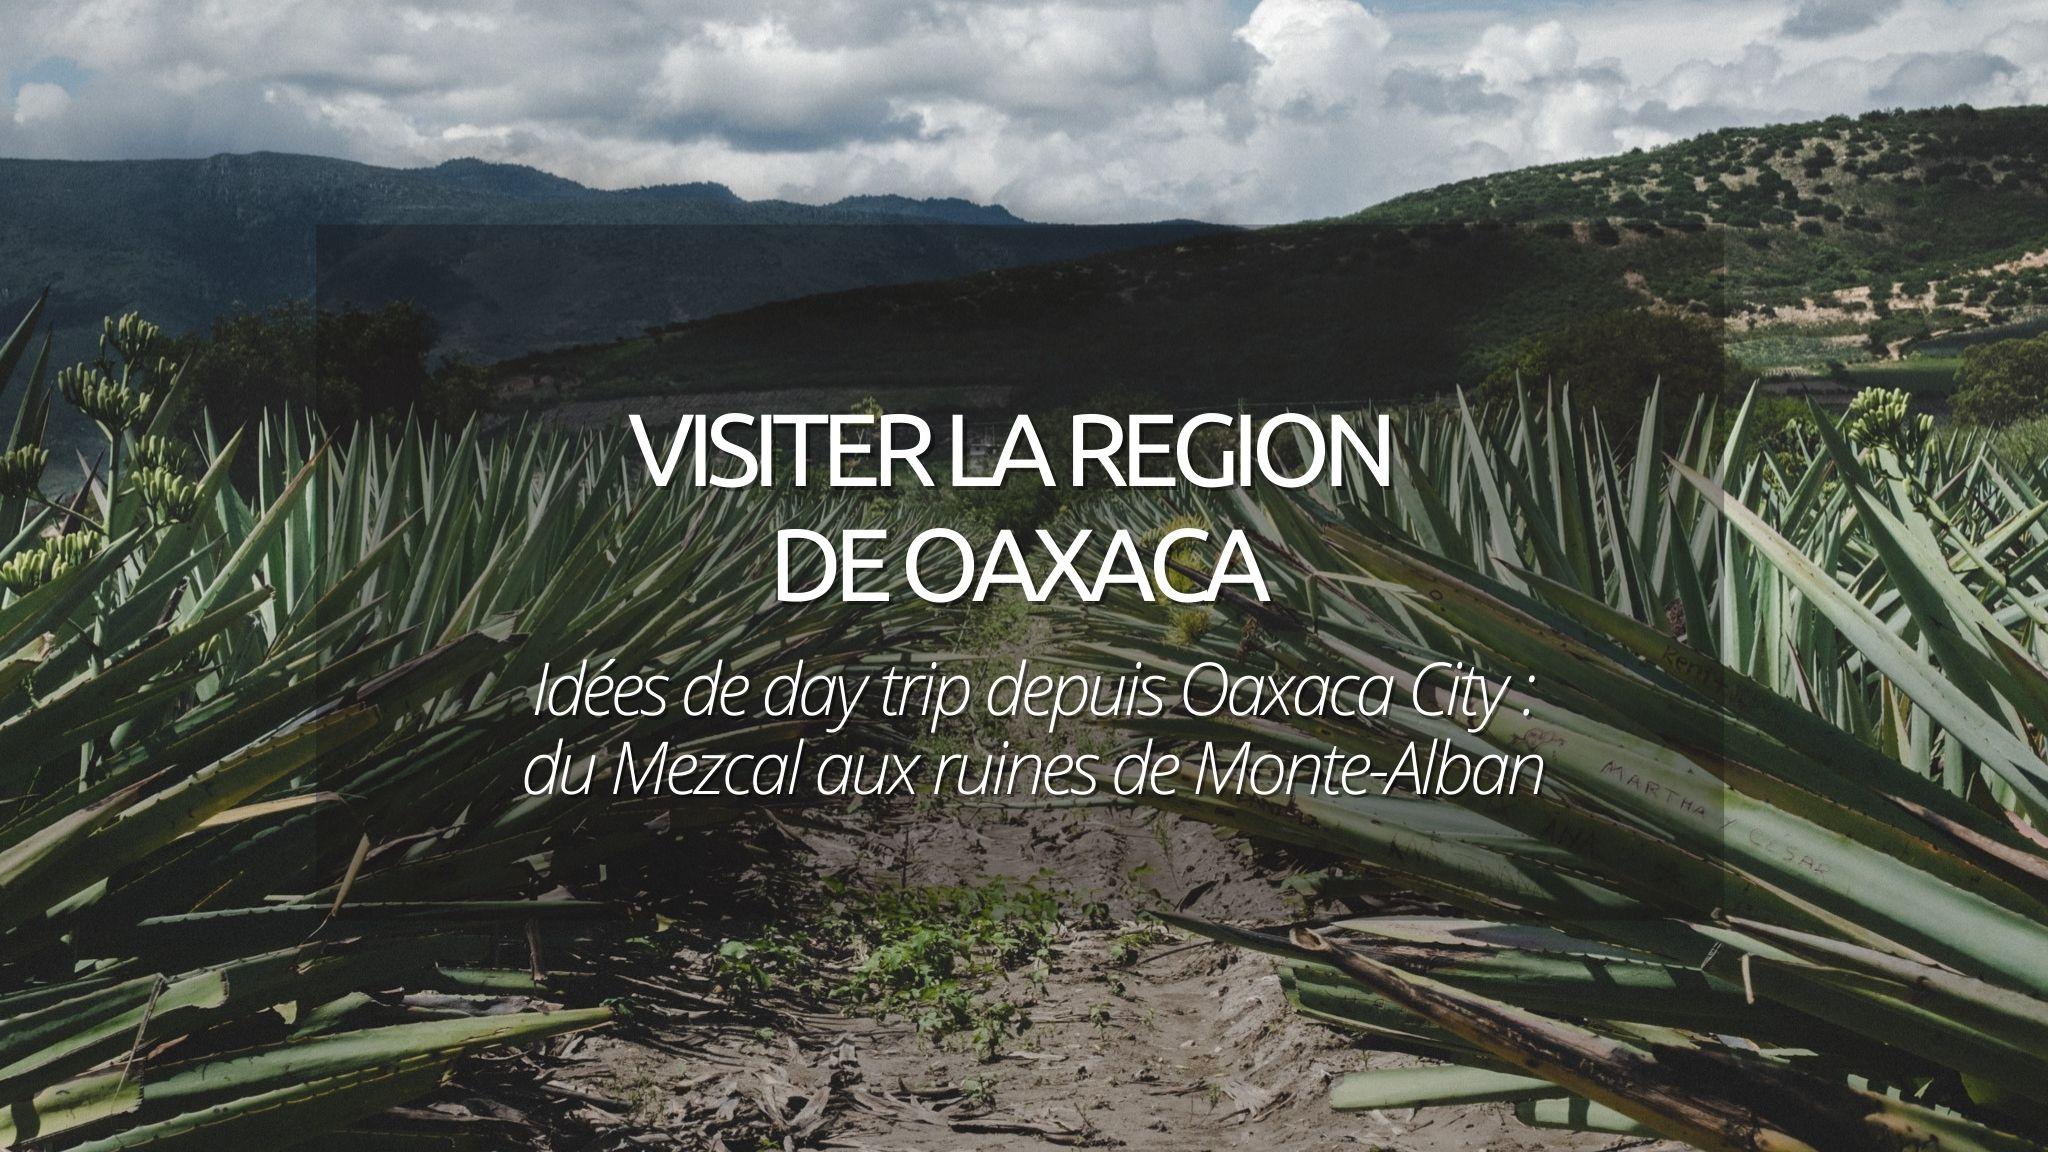 Visiter Oaxaca : Idées d'excursions, du Mezcal aux ruines de Monte-Alban